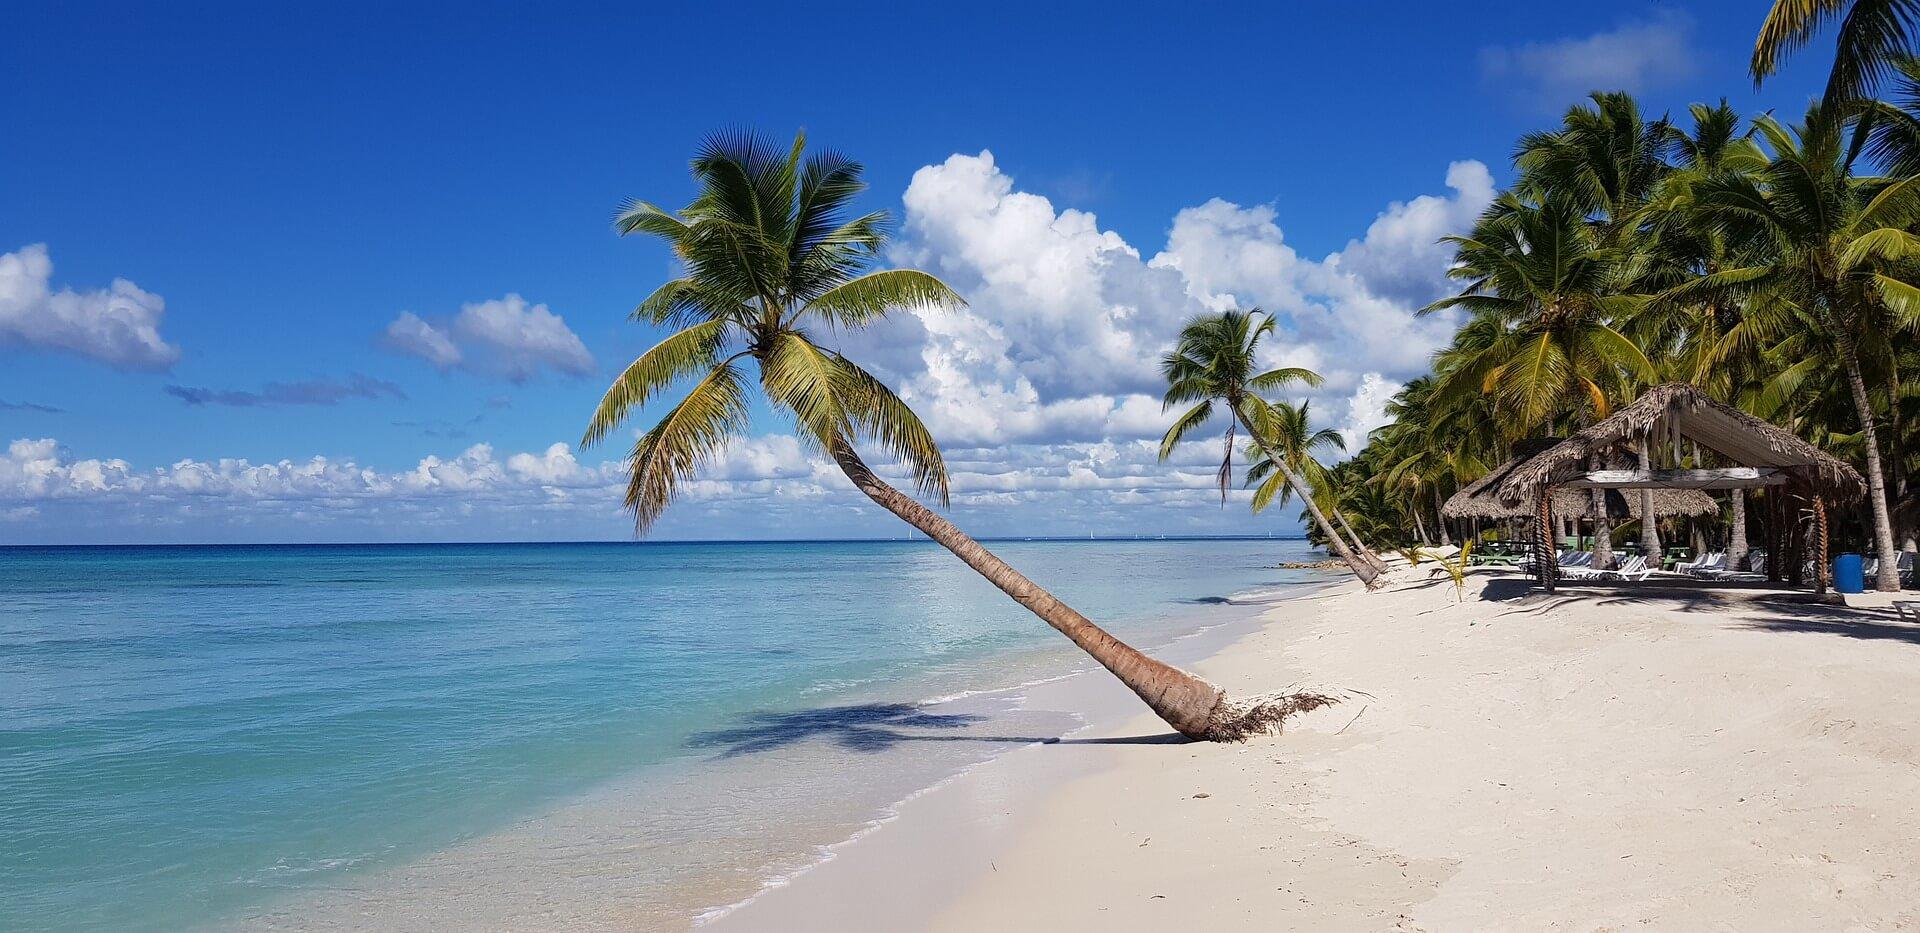 beach-5990648_1920